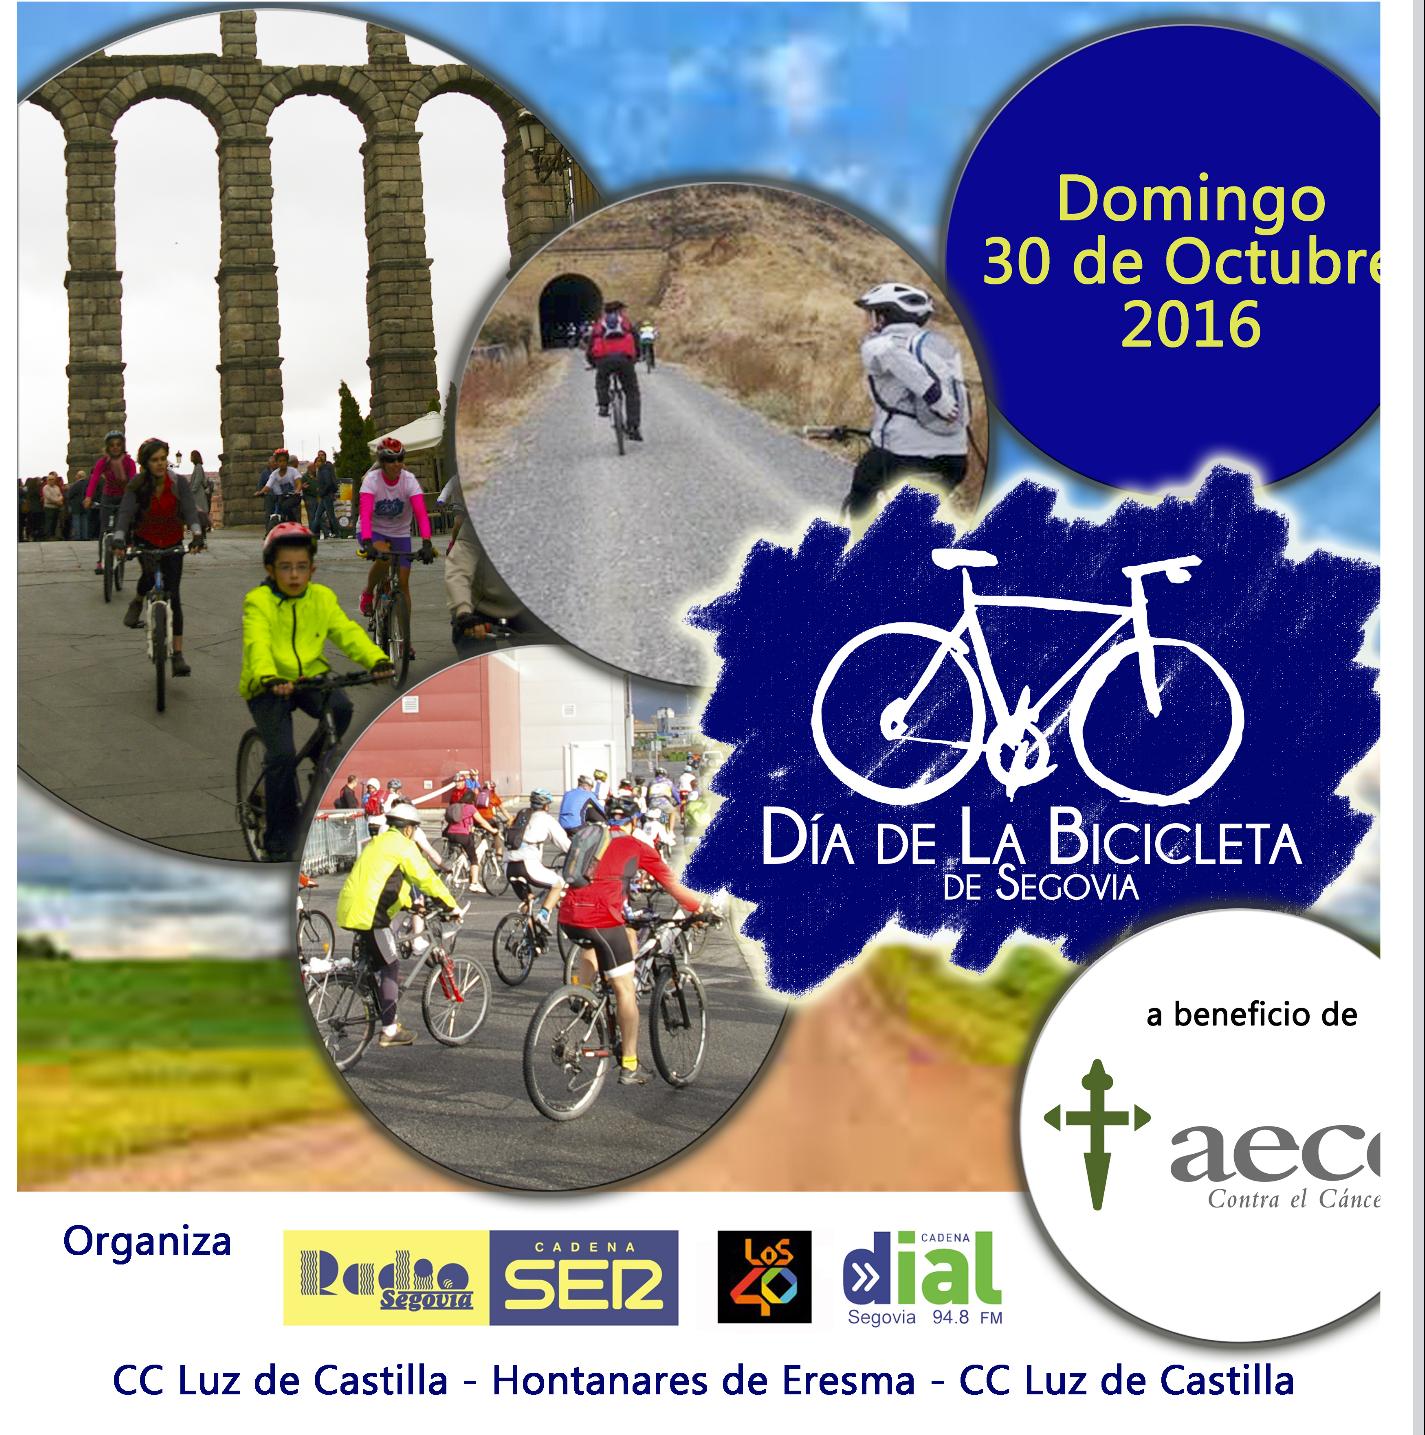 dia de la bicicleta segovia 2016